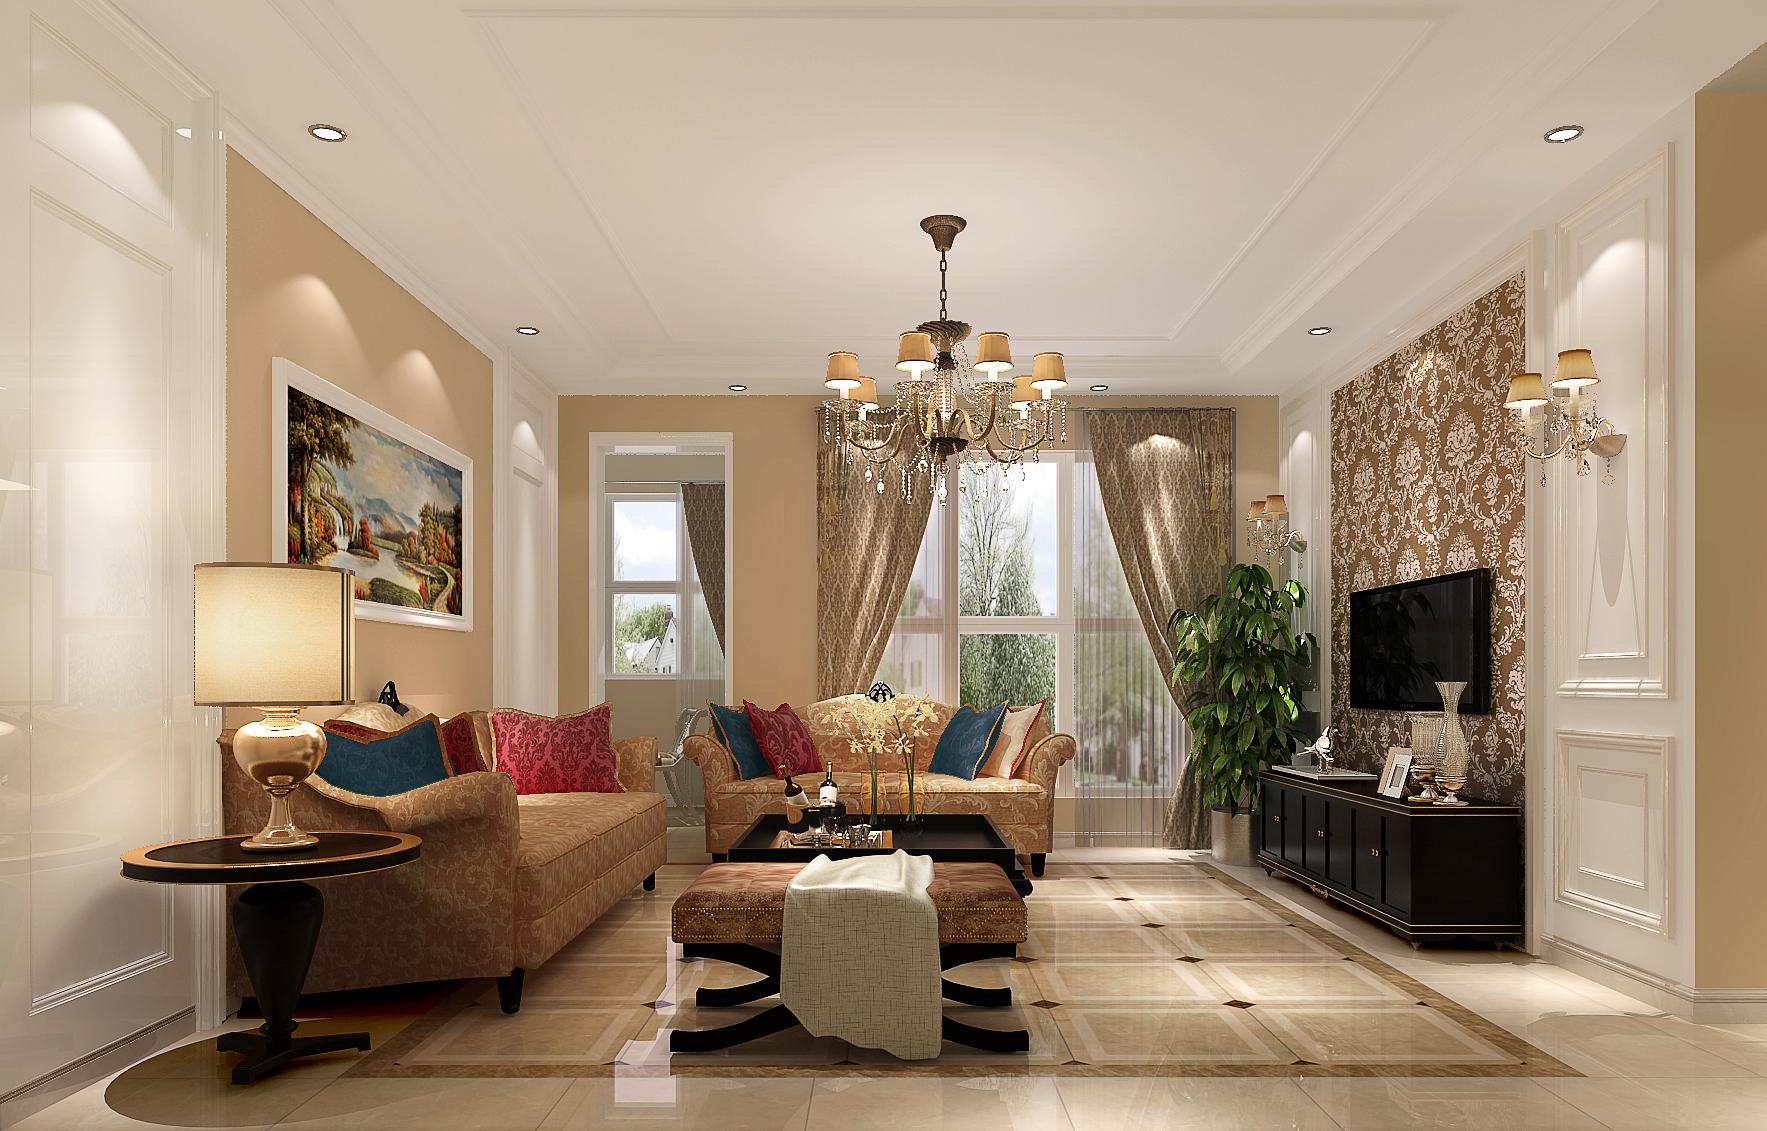 简约 欧式 二居 三居 别墅 白领 收纳 旧房改造 80后 客厅图片来自周楠在简约大方欧式的分享